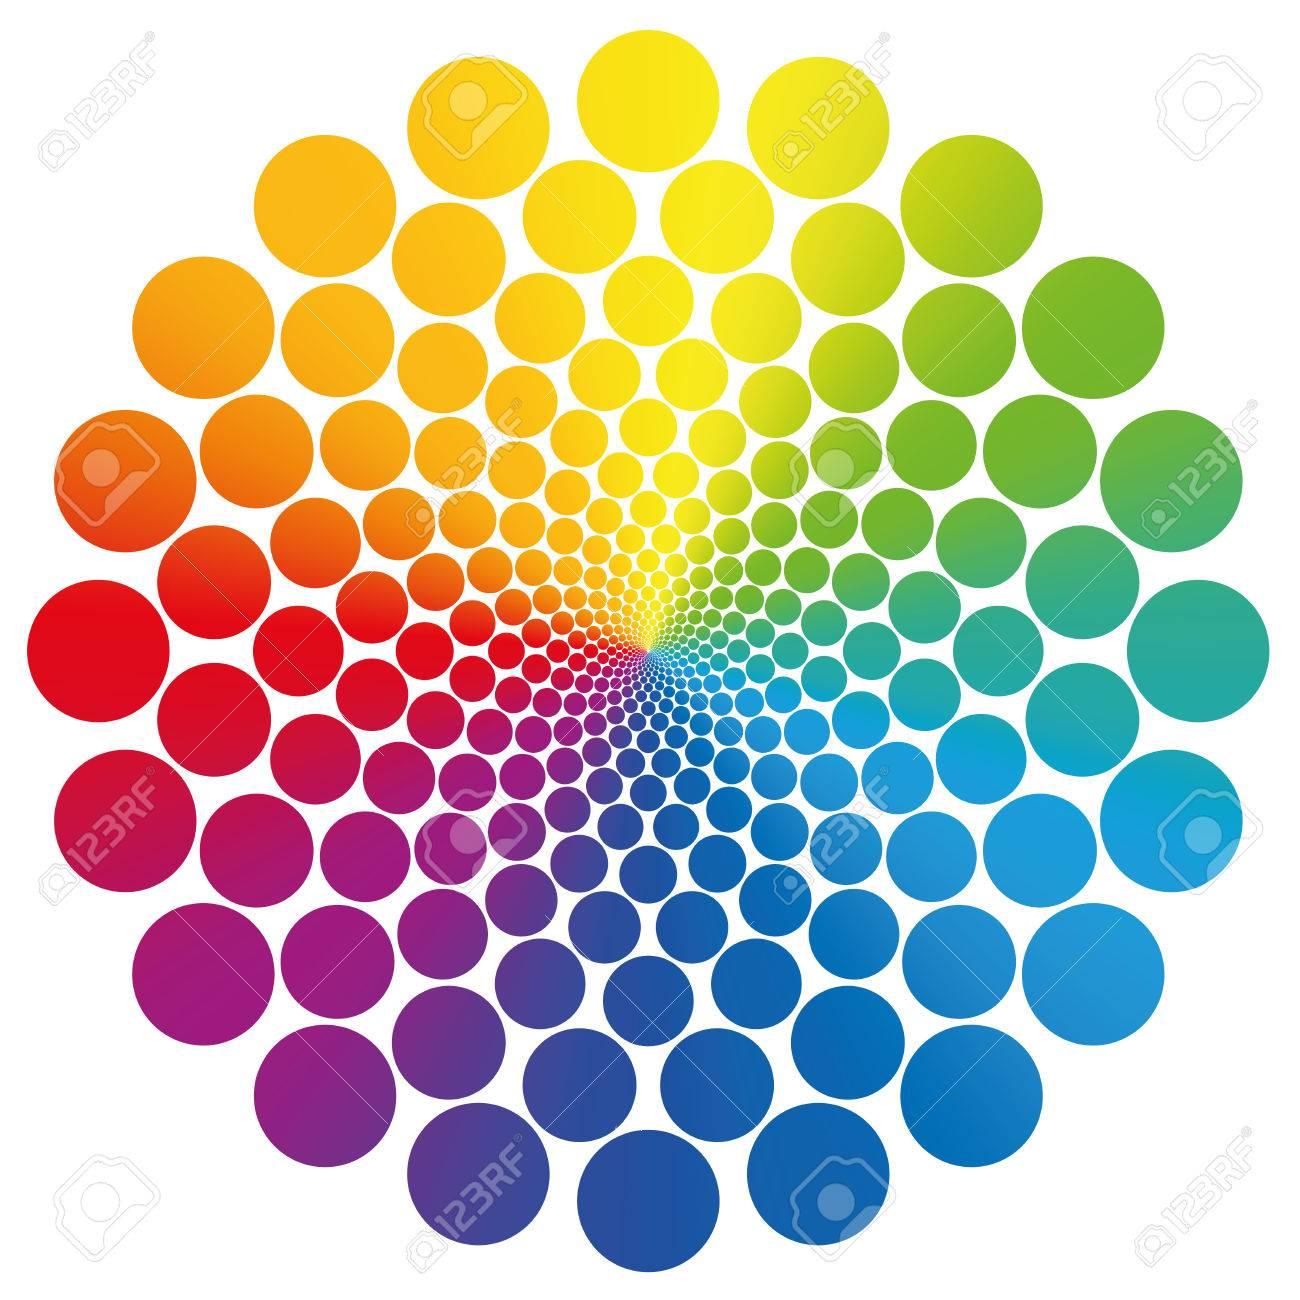 símbolo de la flor gráfica hecha de geométricamente dispuestos de